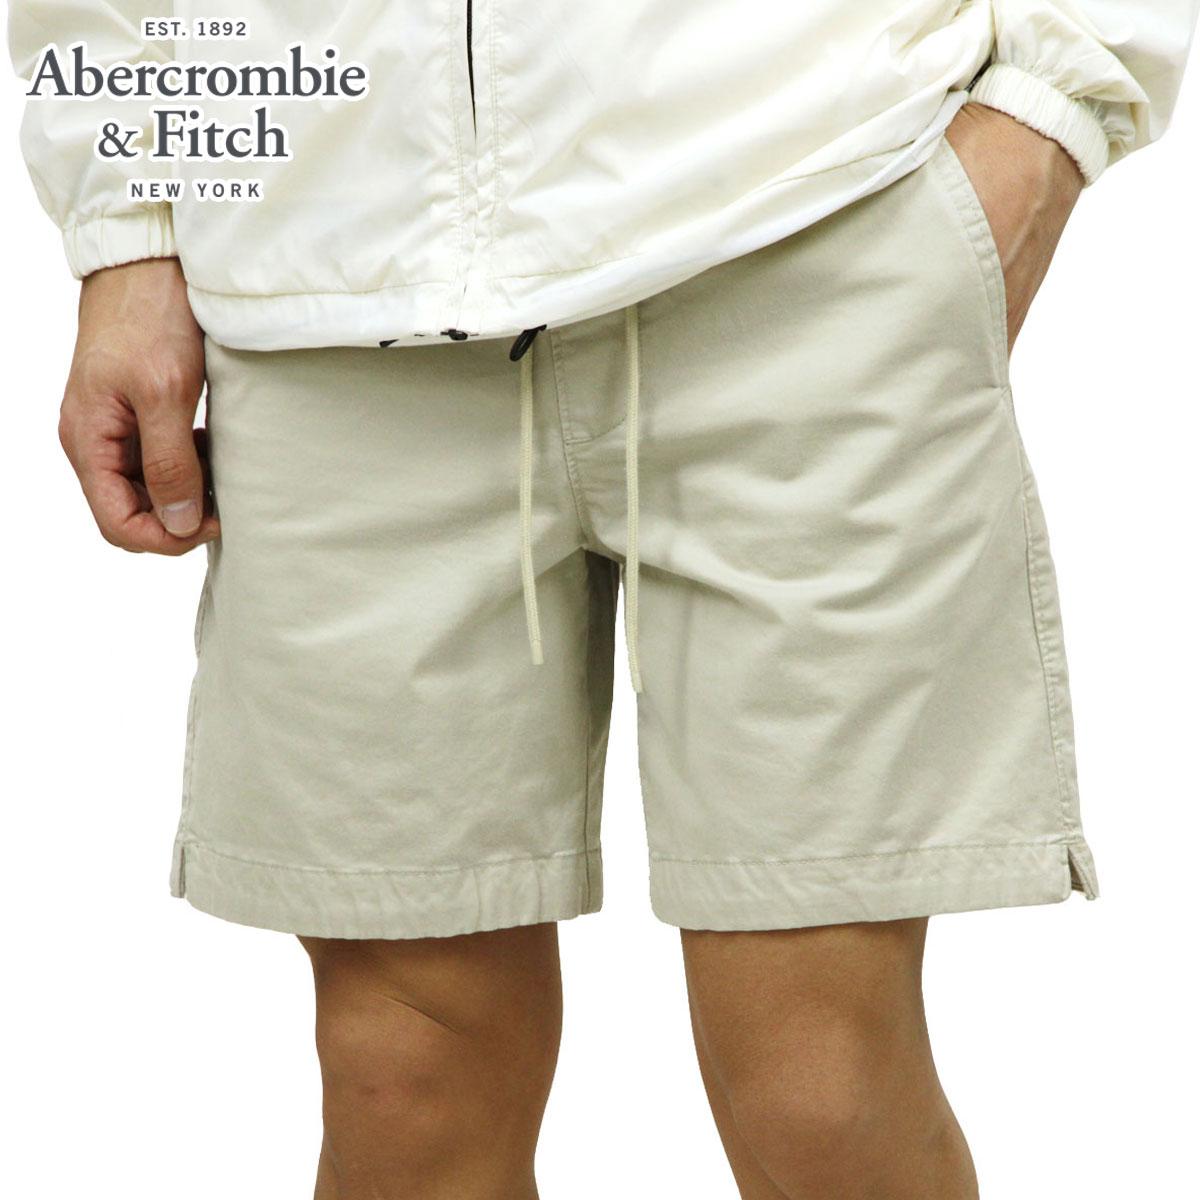 アバクロ ショートパンツ メンズ 正規品 Abercrombie&Fitch ボトムス ハーフパンツ PULL-ON SHORTS 128-283-0863-178